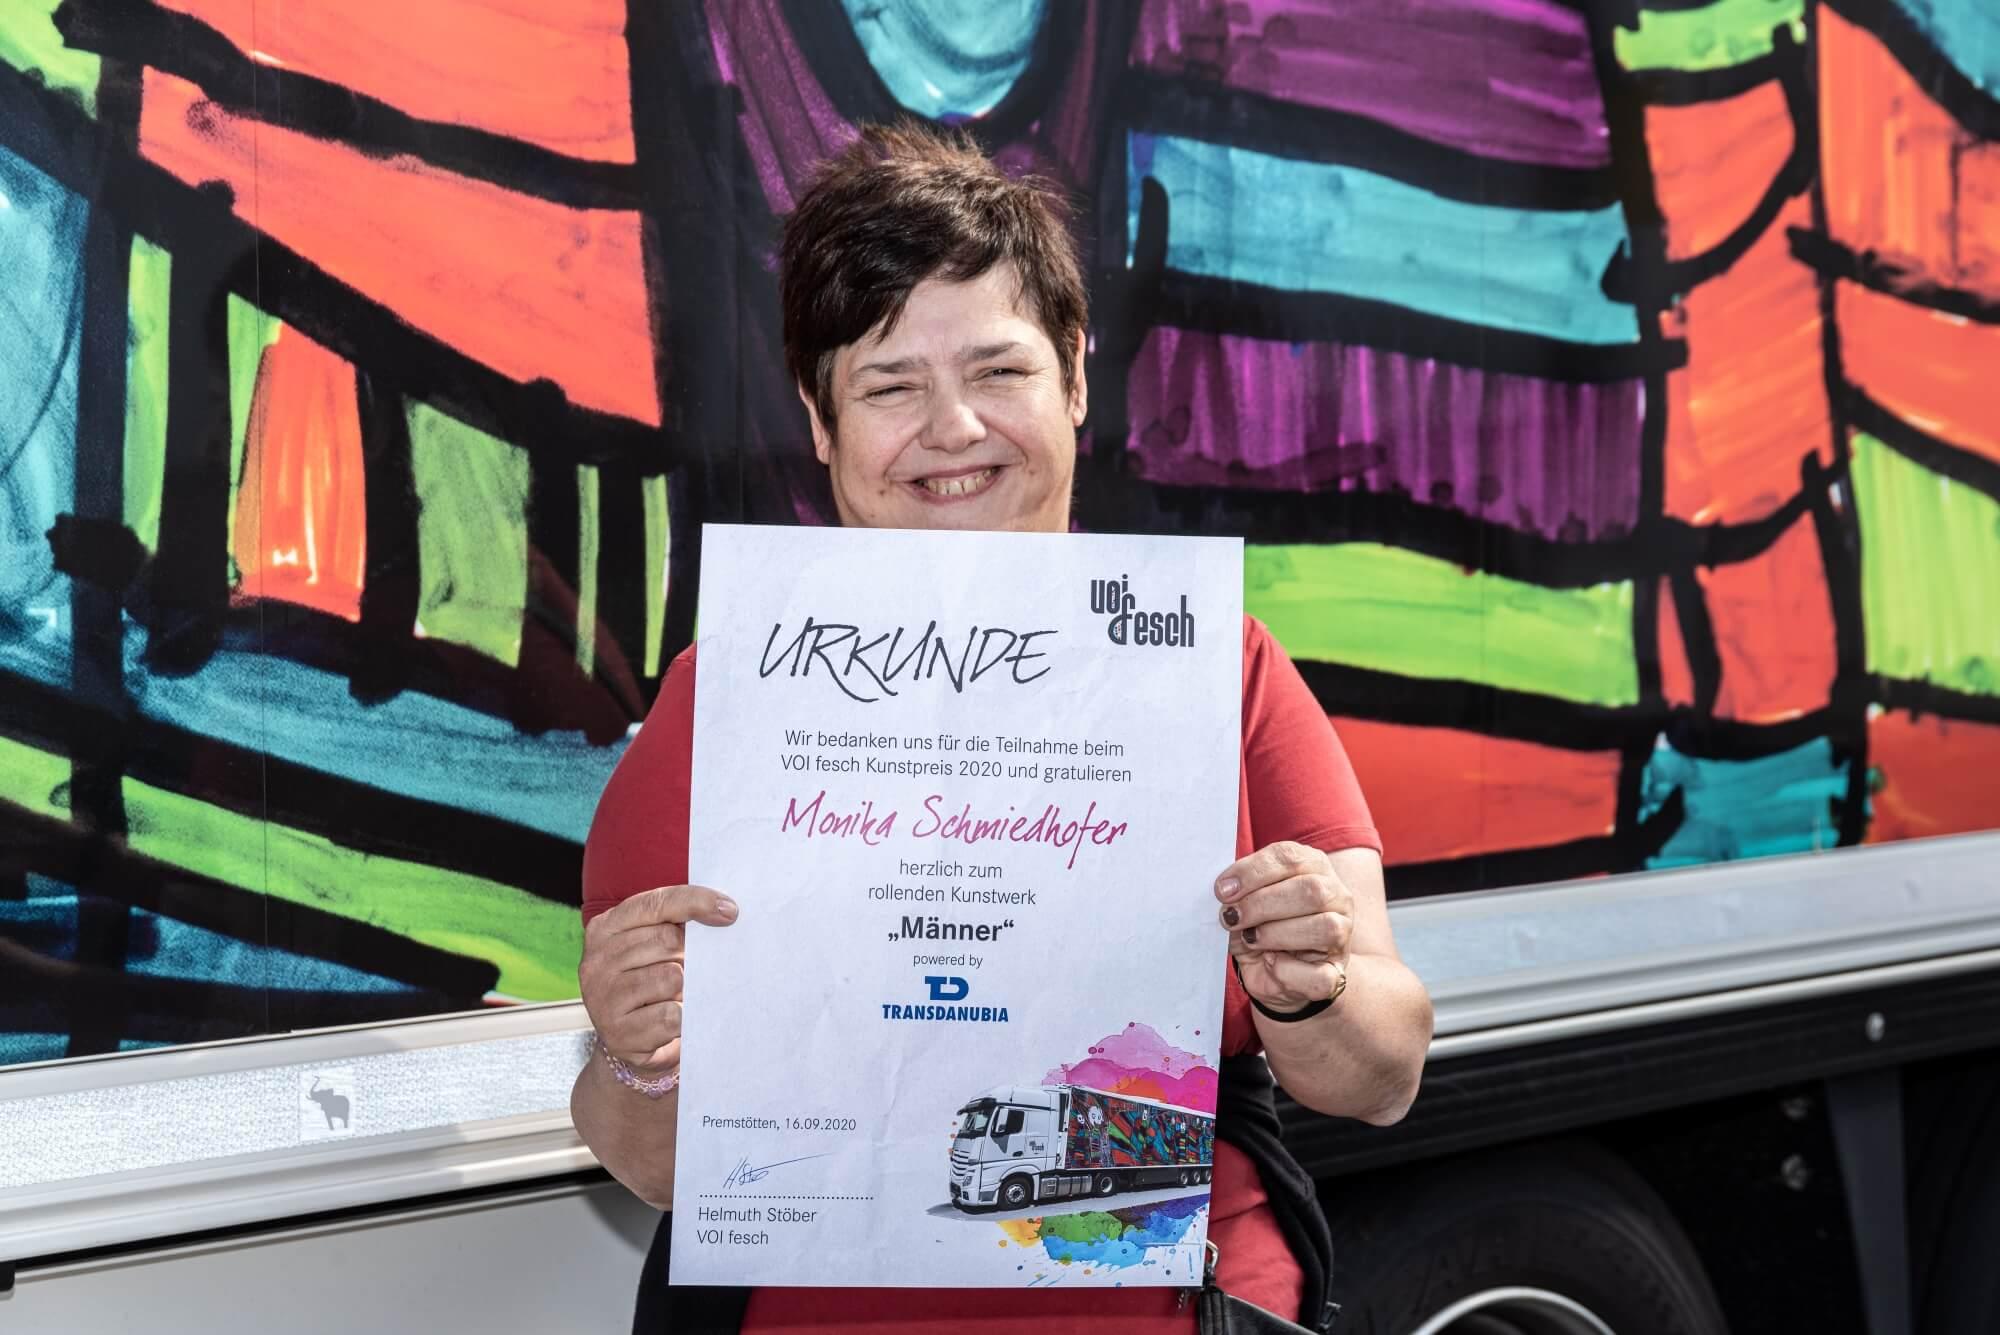 Künstlerin Monika Schmidhofer mit ihrer Kunstpreis 2020 Urkunde